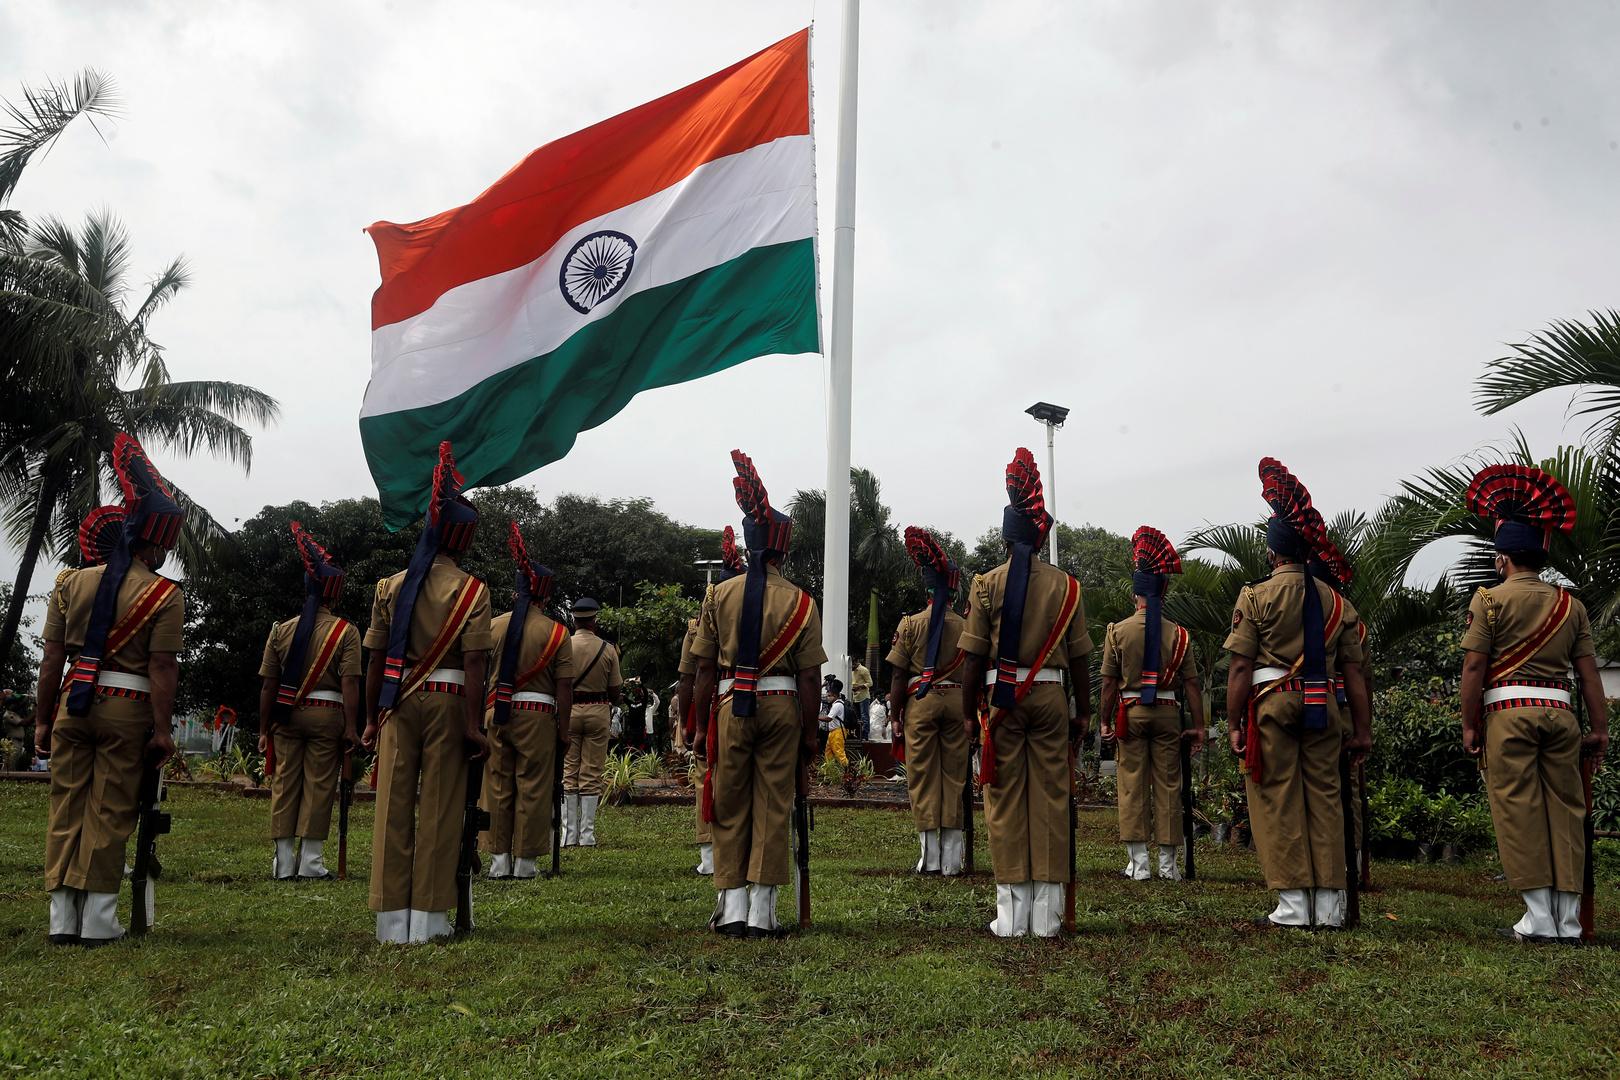 الهند ترفض الخطة الباكستانية لتحديث وضع جزء من كشمير